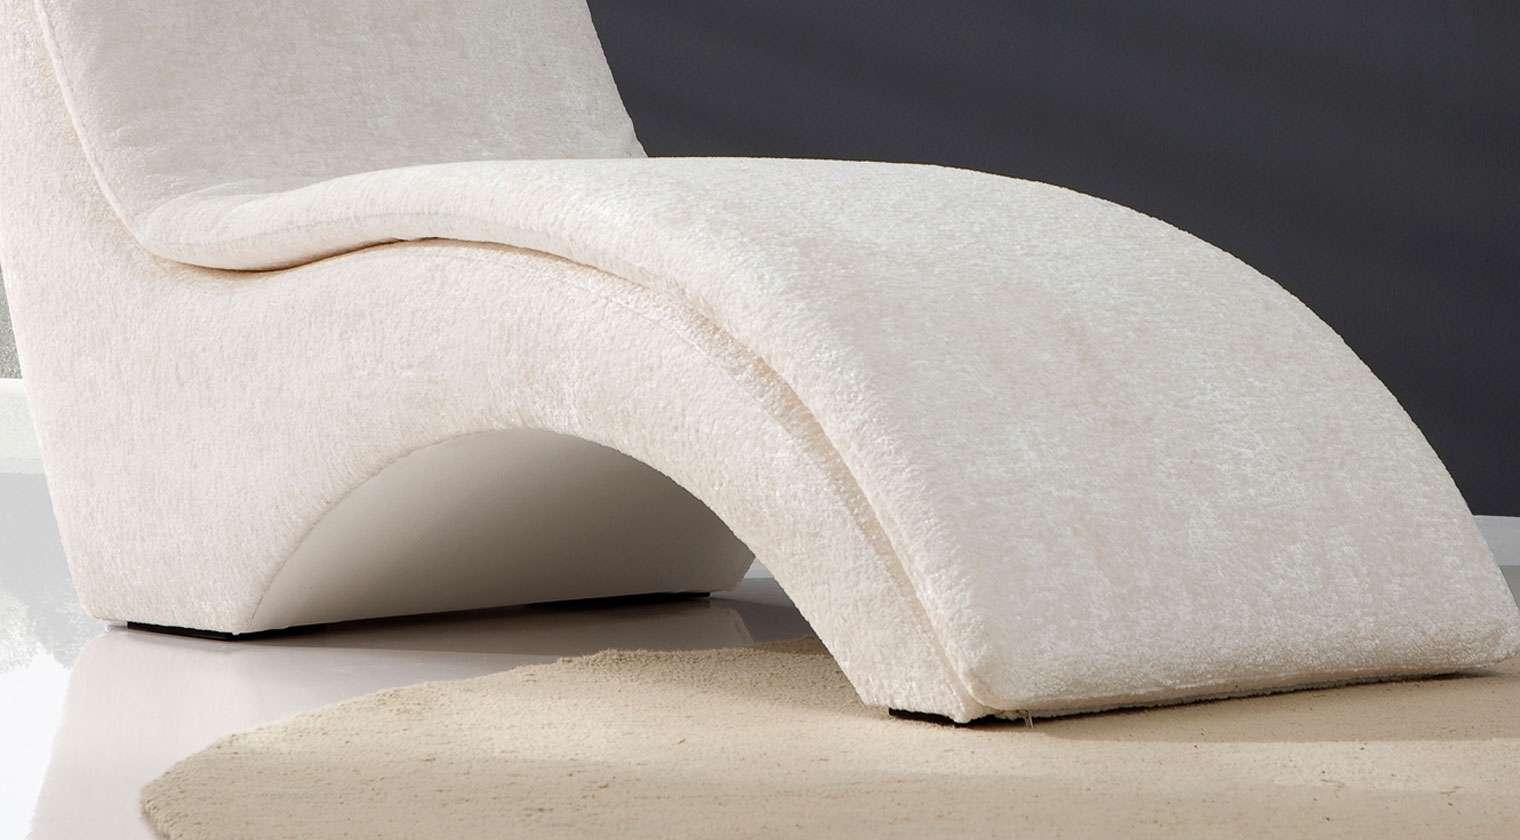 Como forrar una butaca cmo tapizar y renovar una silla - Butacas tapizadas modernas ...